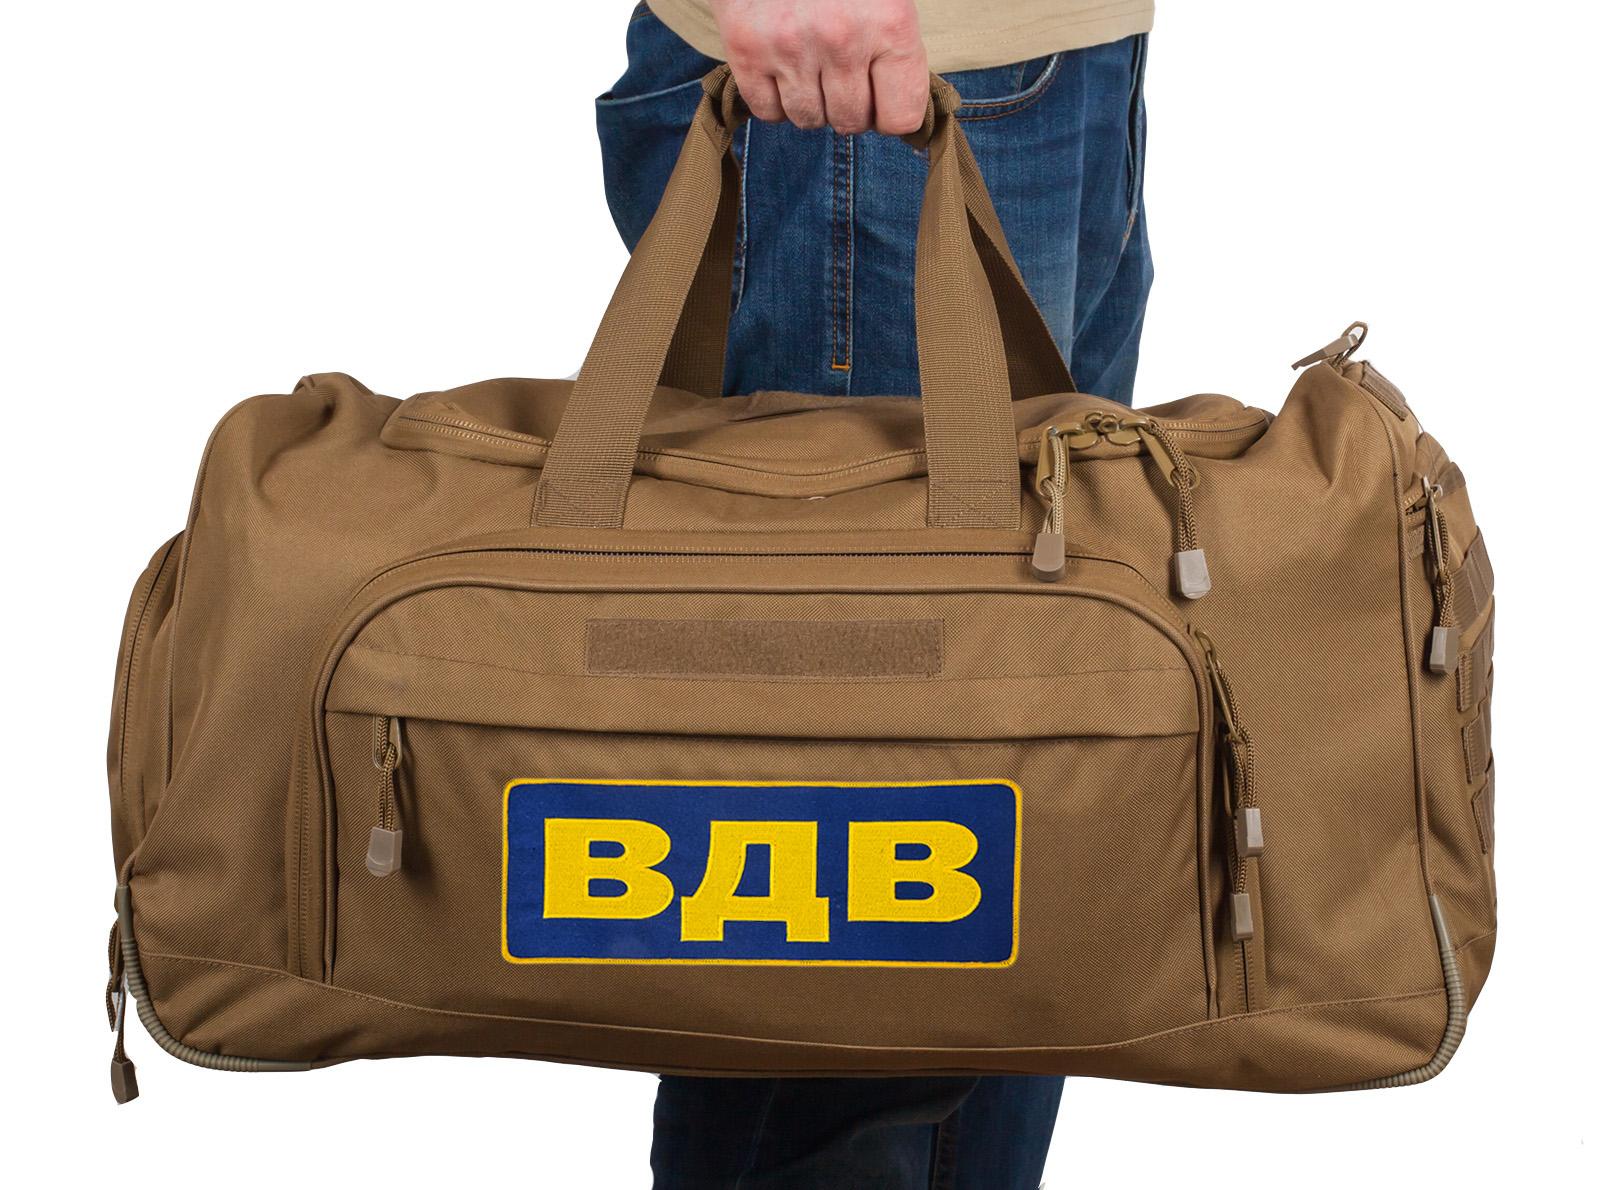 Купить в интернет магазине Военпро походную сумку ВДВ с доставкой